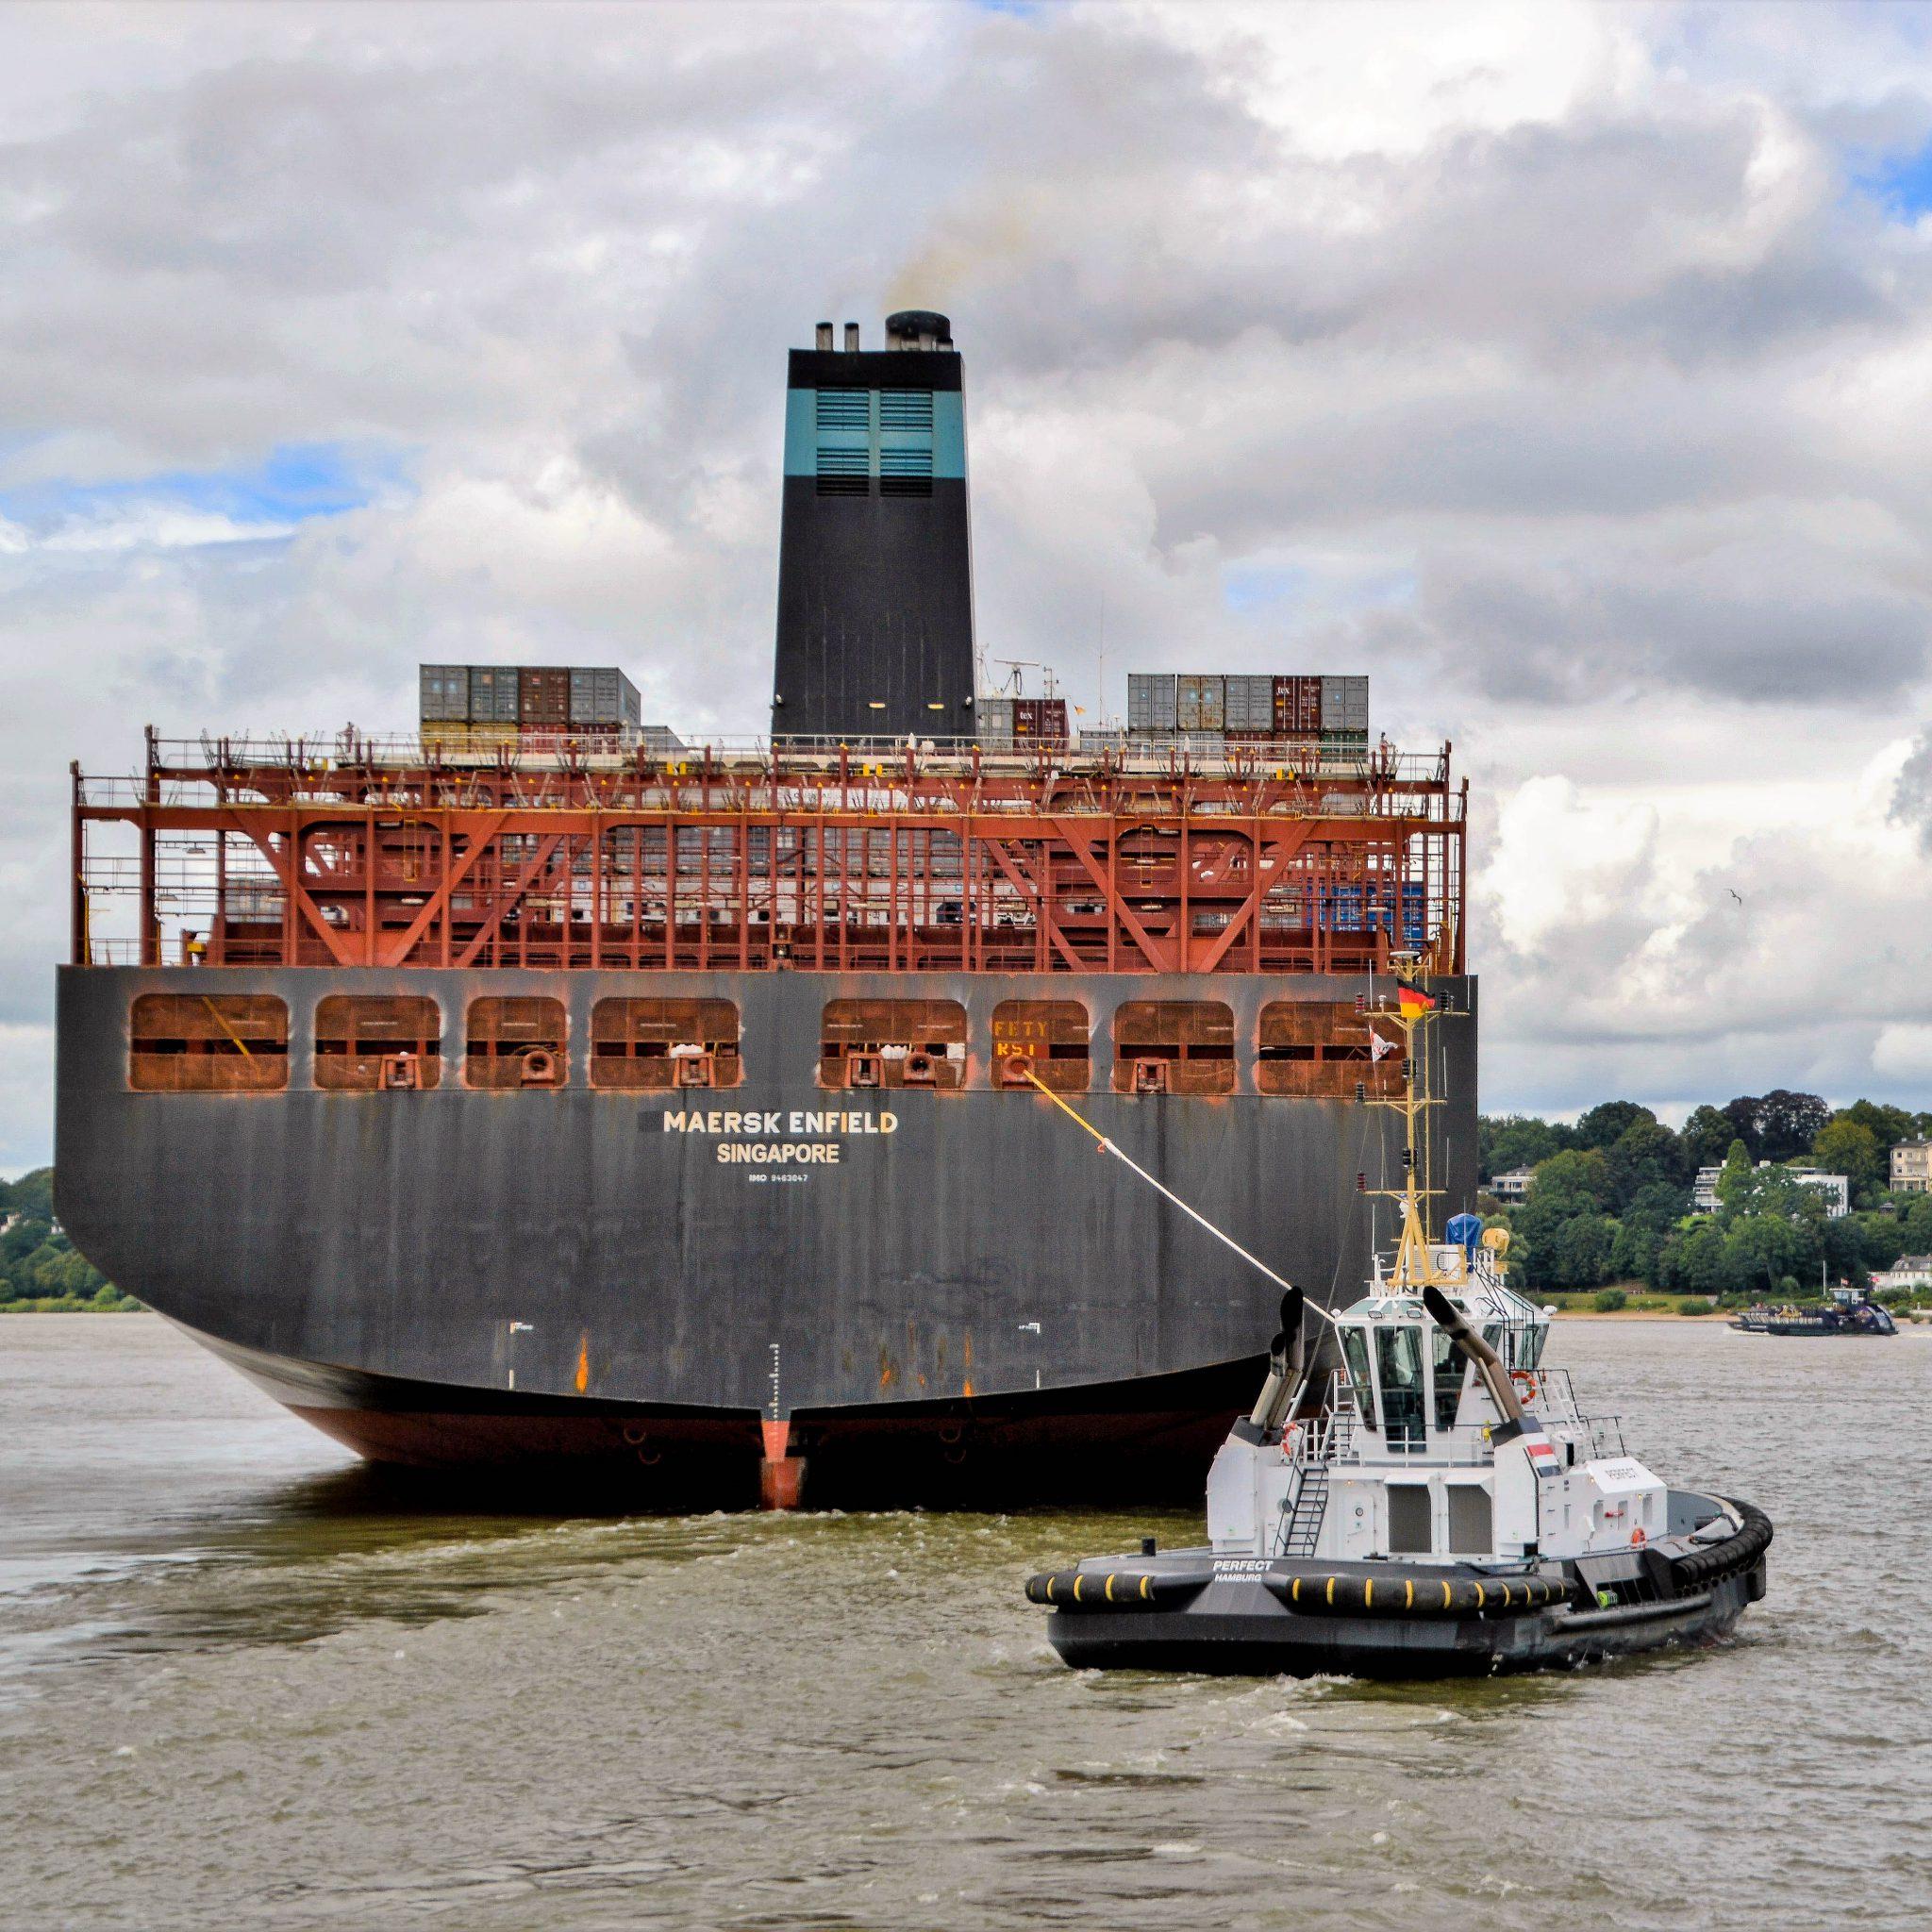 Shipspotting: